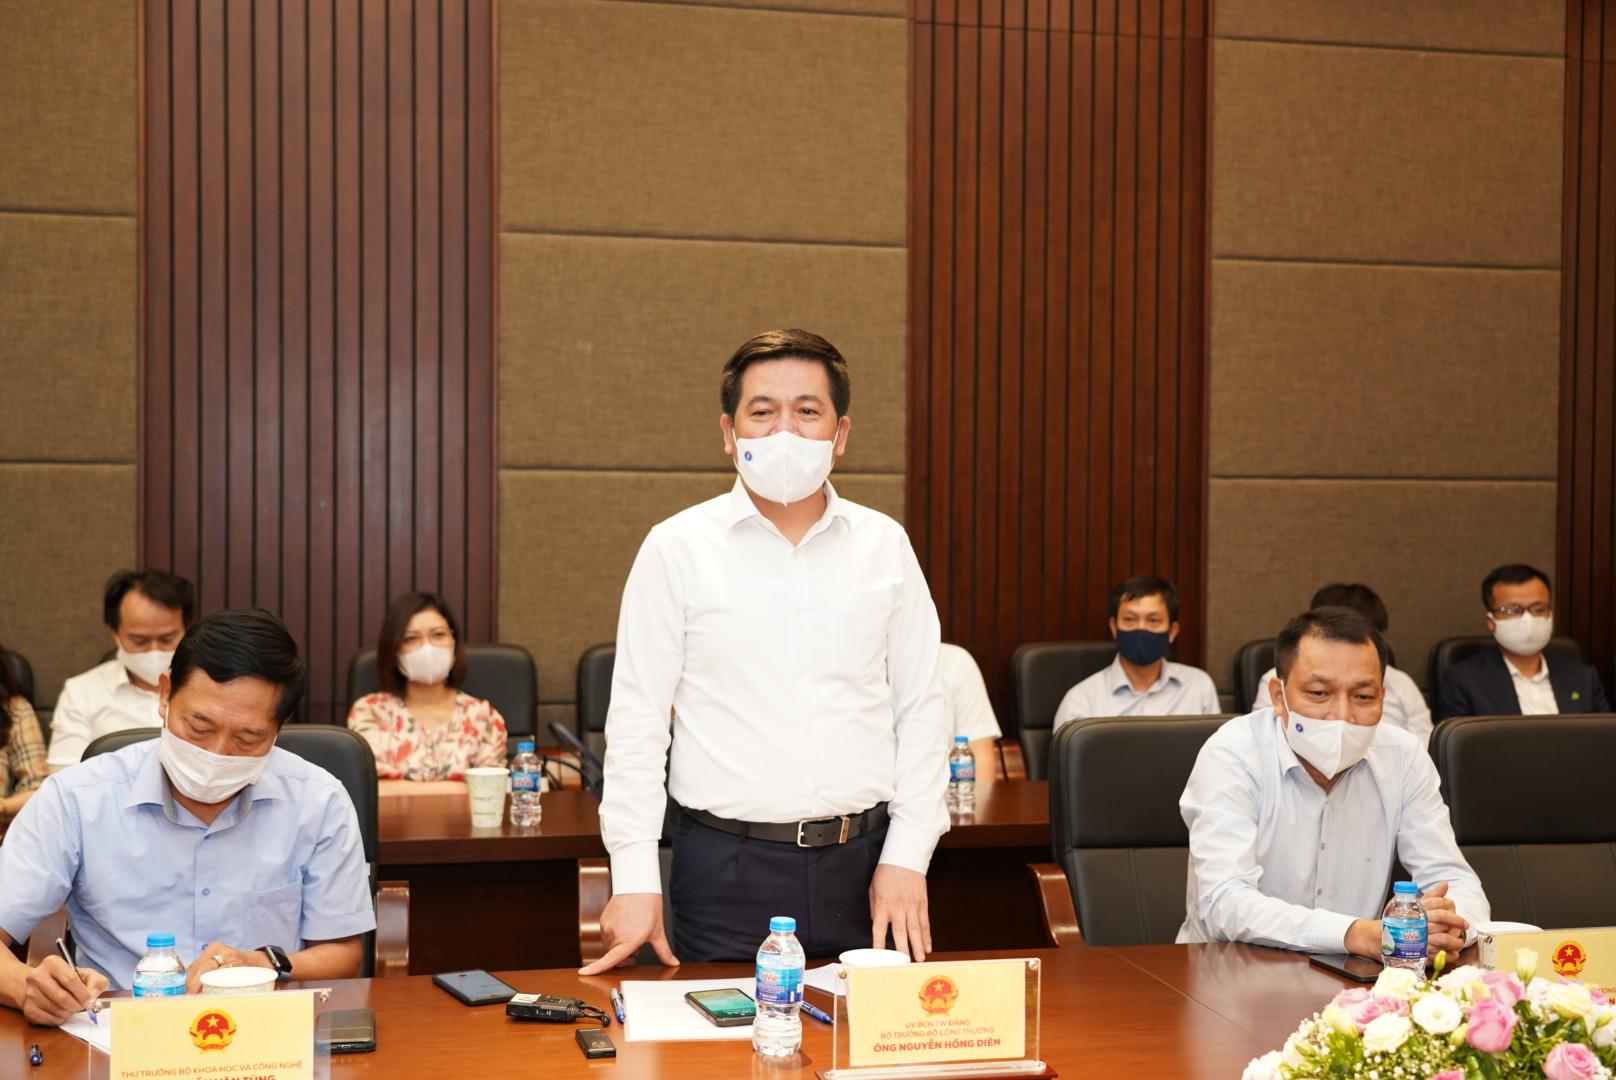 Ông Nguyễn Hồng Diên, Bộ Trưởng Bộ Công thương phát biểu tại buổi làm việc.